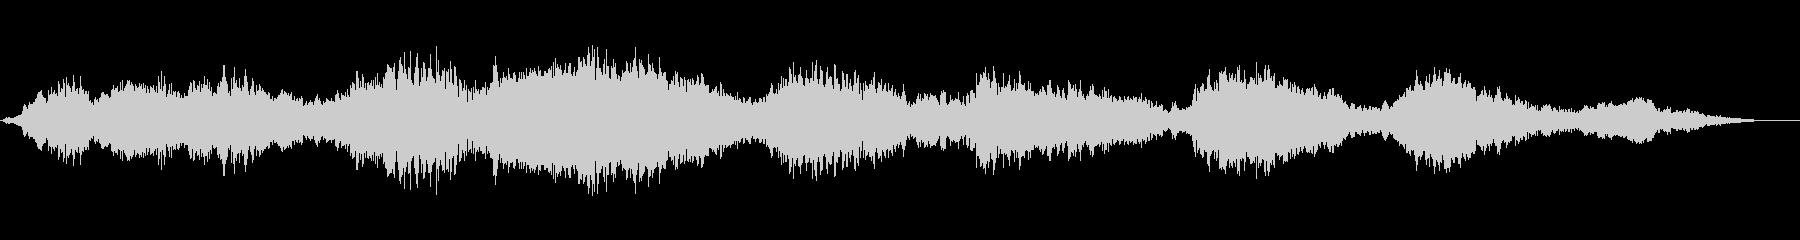 スモールスタジオオーディエンス:ブ...の未再生の波形